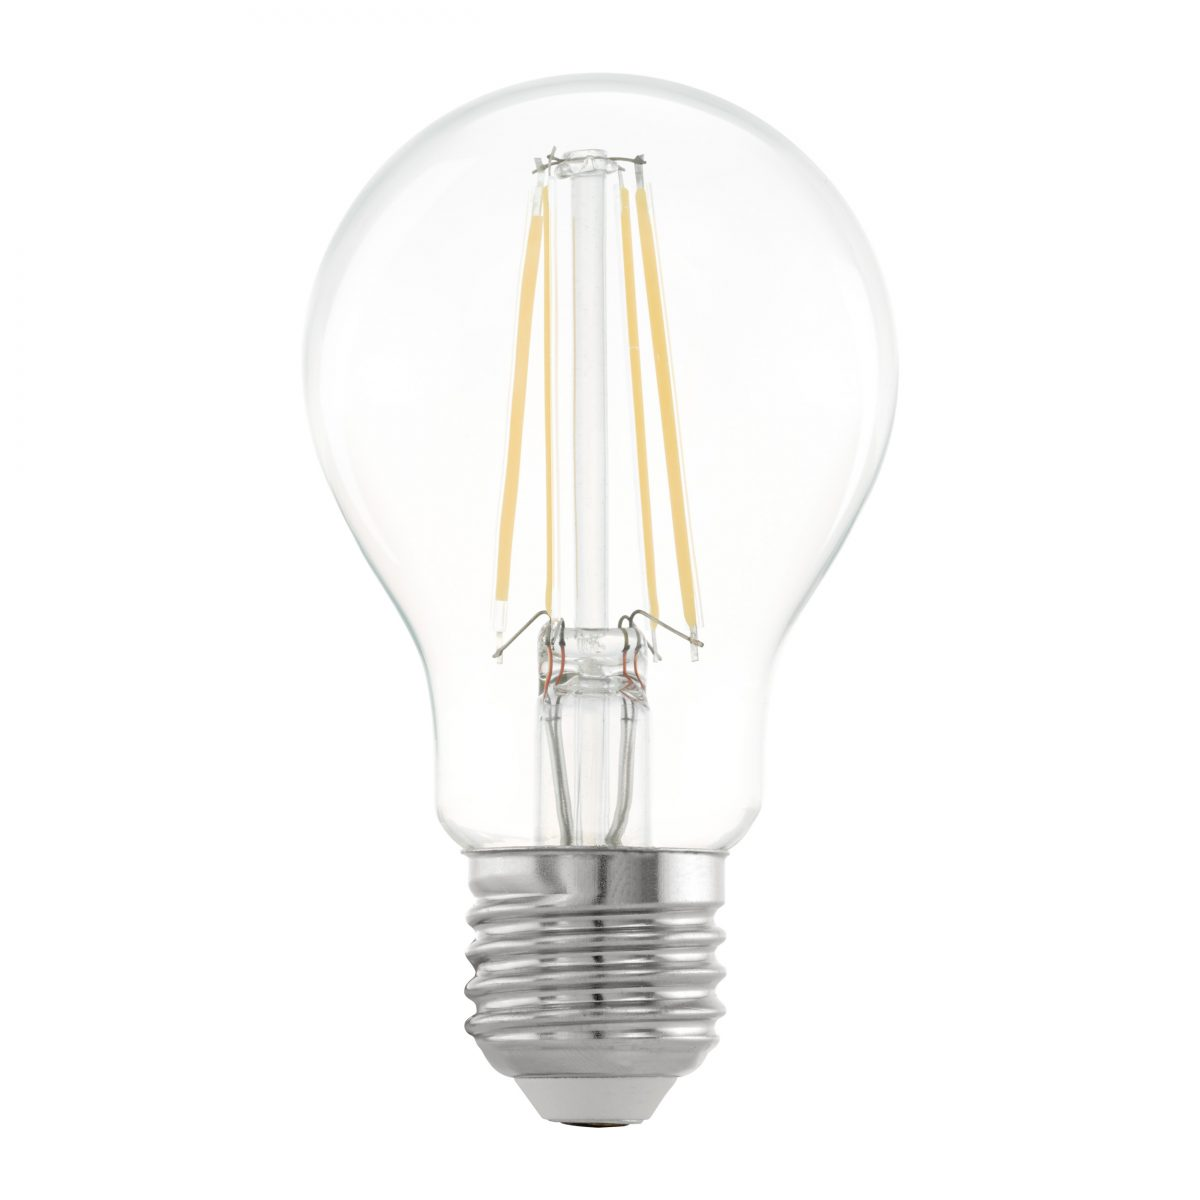 Лампа полупроводниковая LED EGLO 11751 - Фото №28